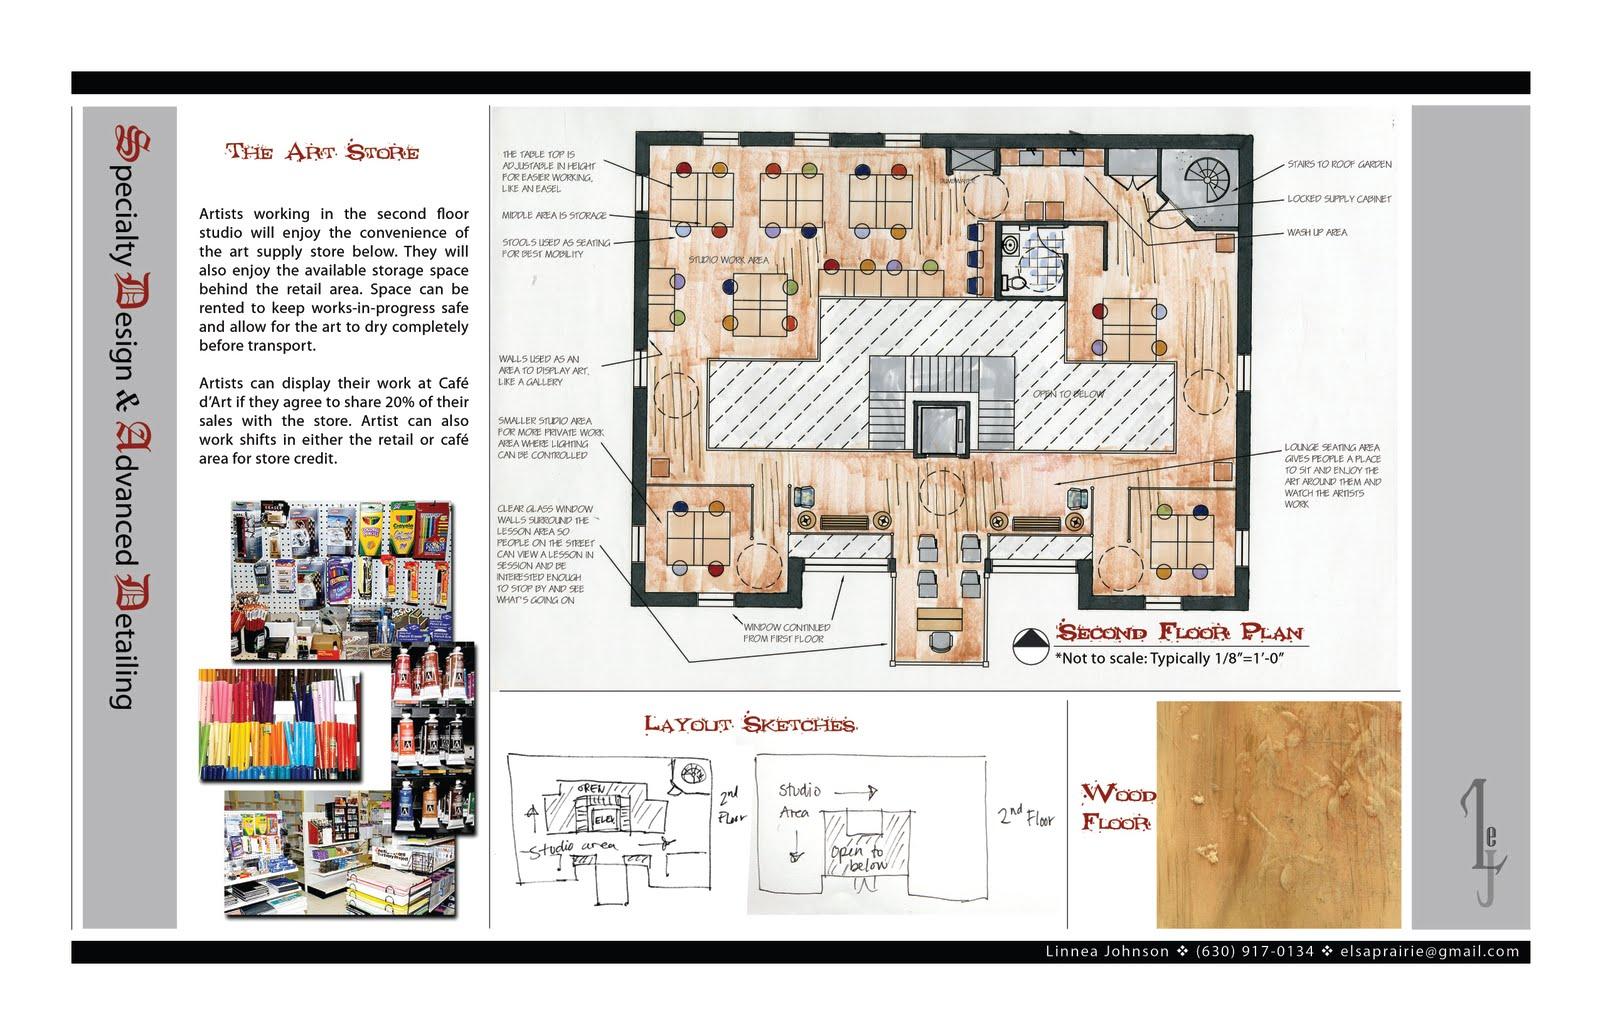 interior design portfolio layout examples images